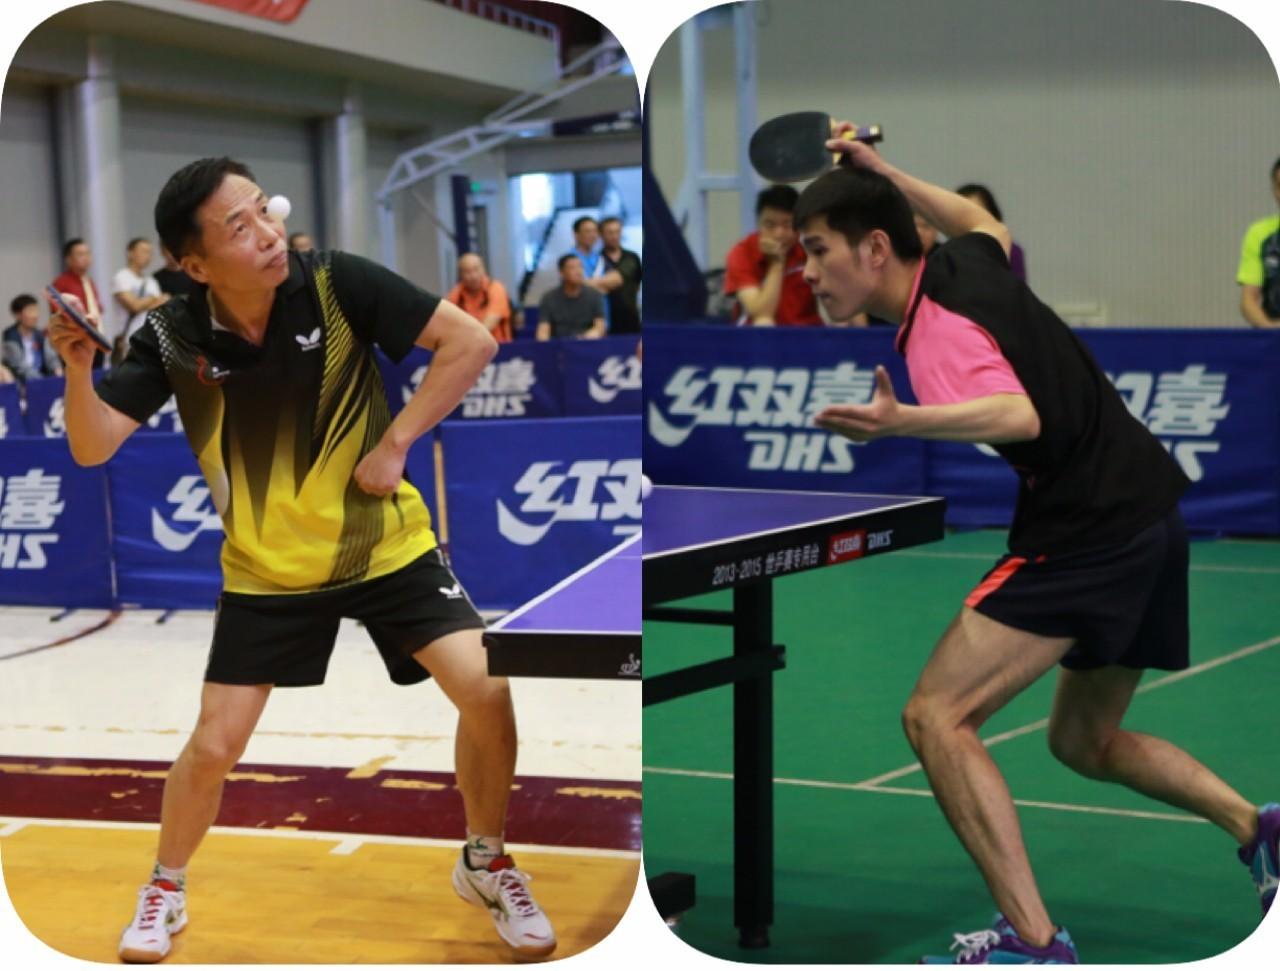 赛事丨乒乓球团体赛今日开拍,攻球,吊腕,拉球,就问你木兰双扇梁祝音乐应美凤图片